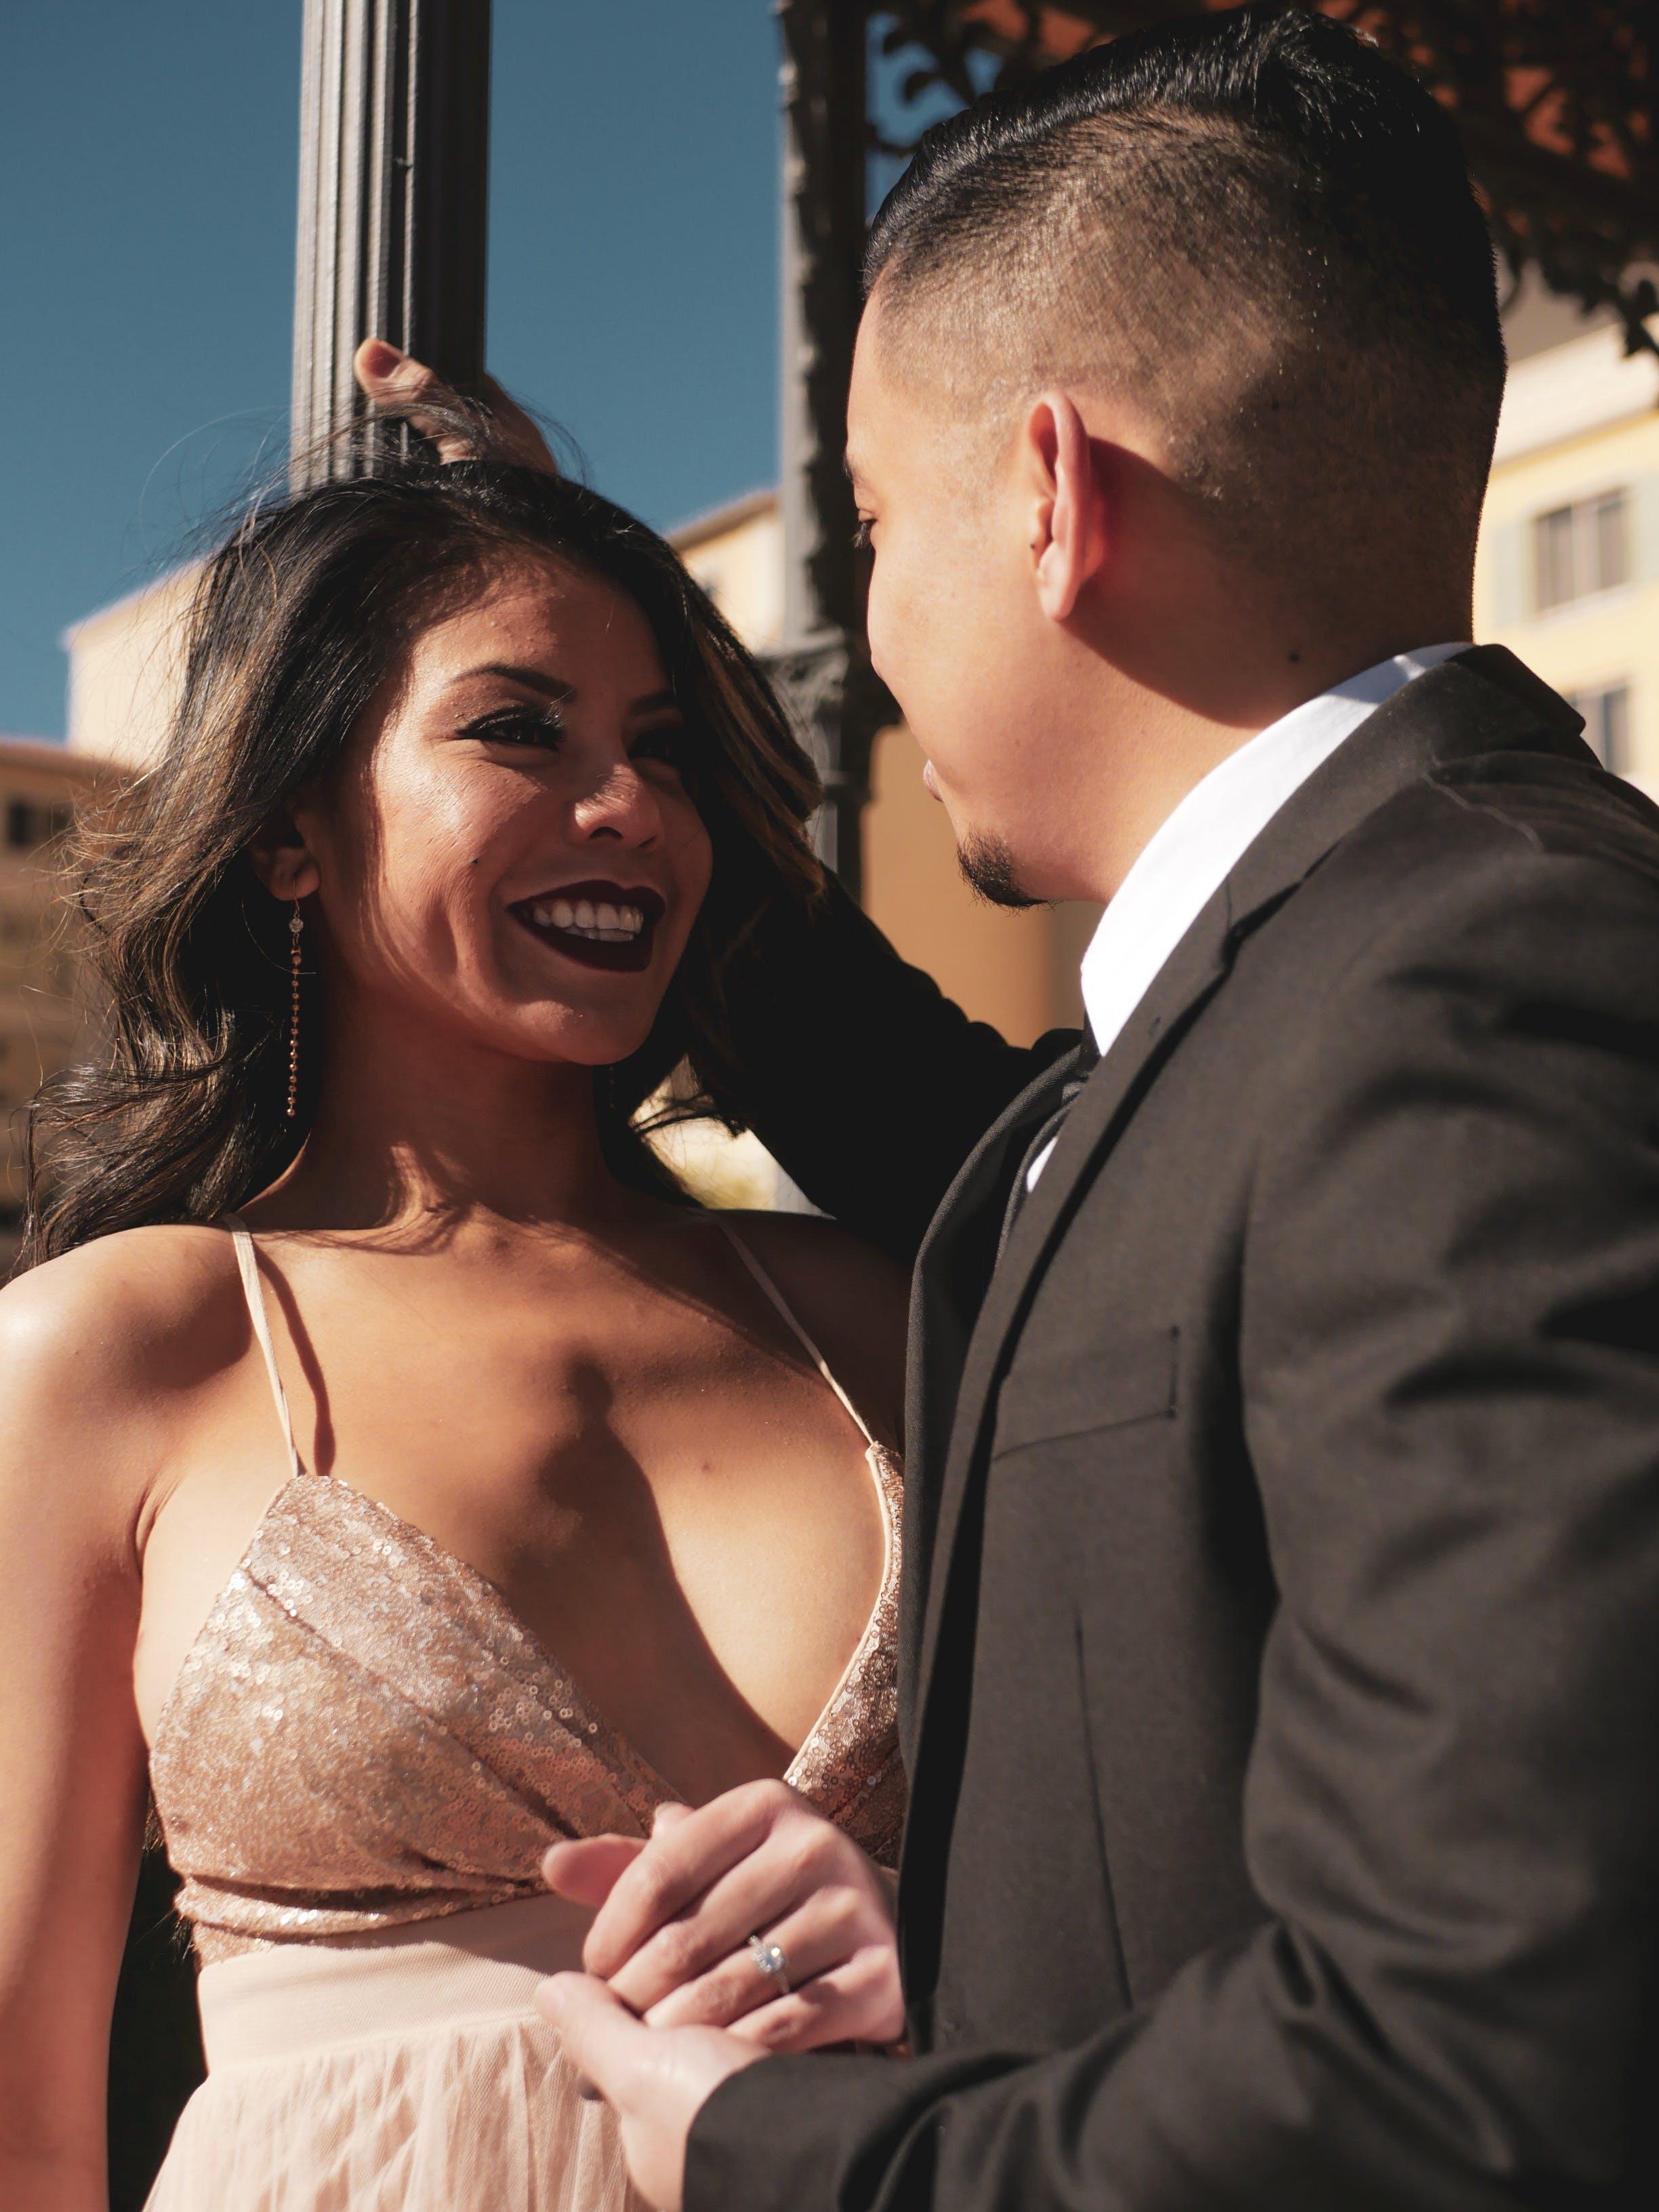 Gratis stockfoto met ceremonie, charmant, gezichtsuitdrukking, glimlachen